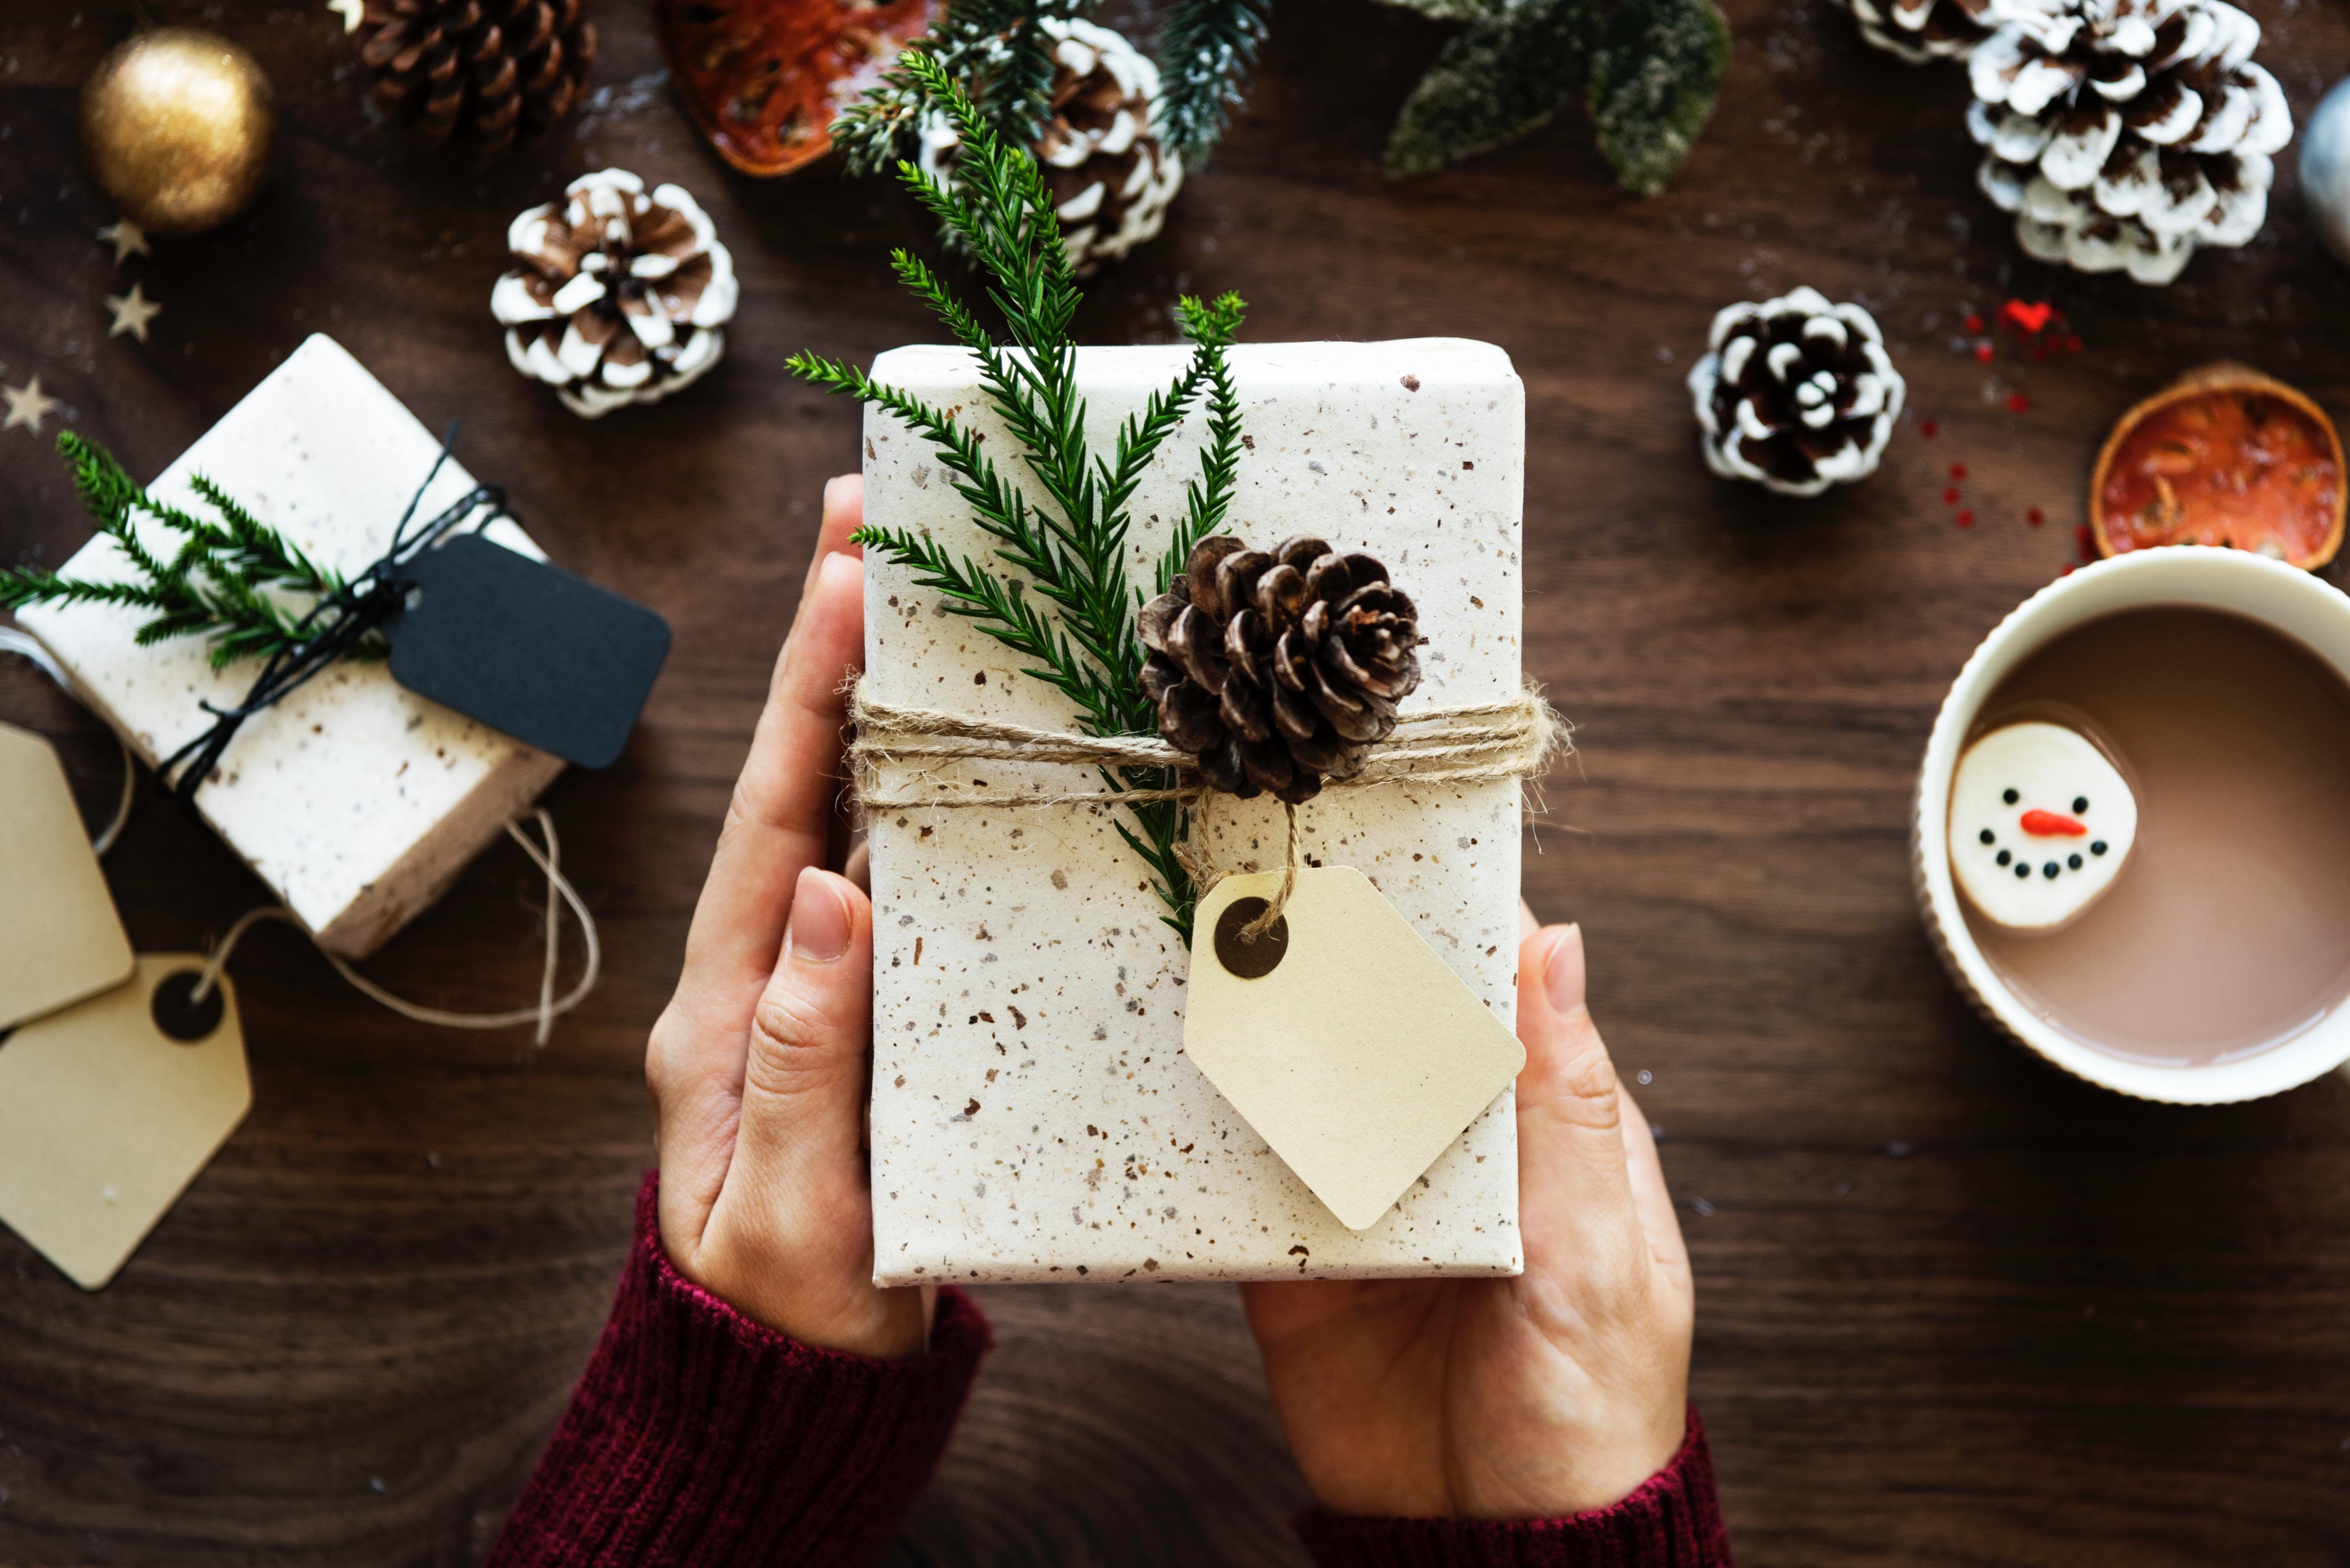 Inspiratie voor wie me een kerstcadeautje wil kopen.